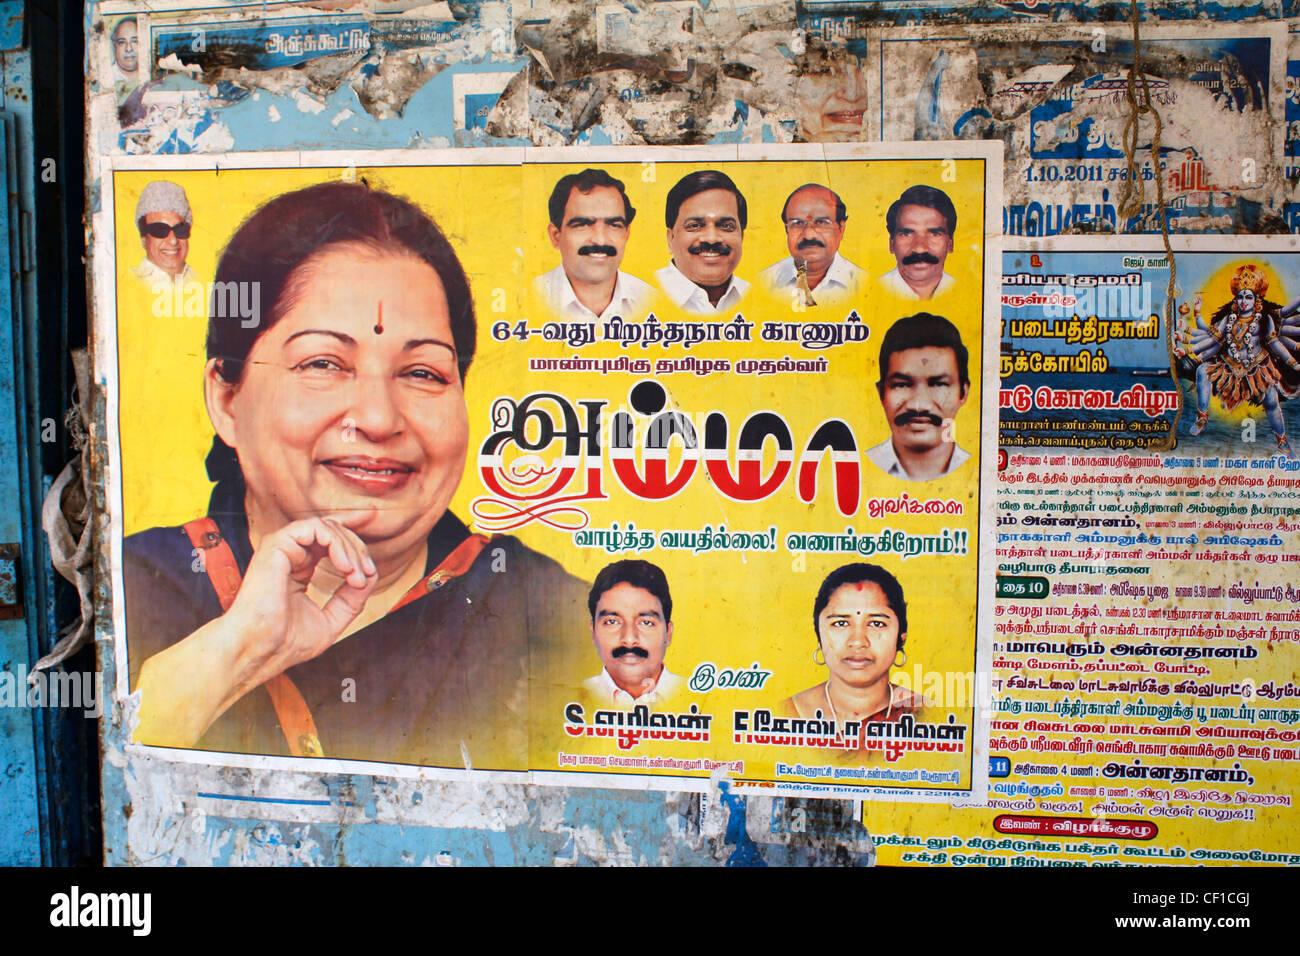 jayalalitha stock photos jayalalitha